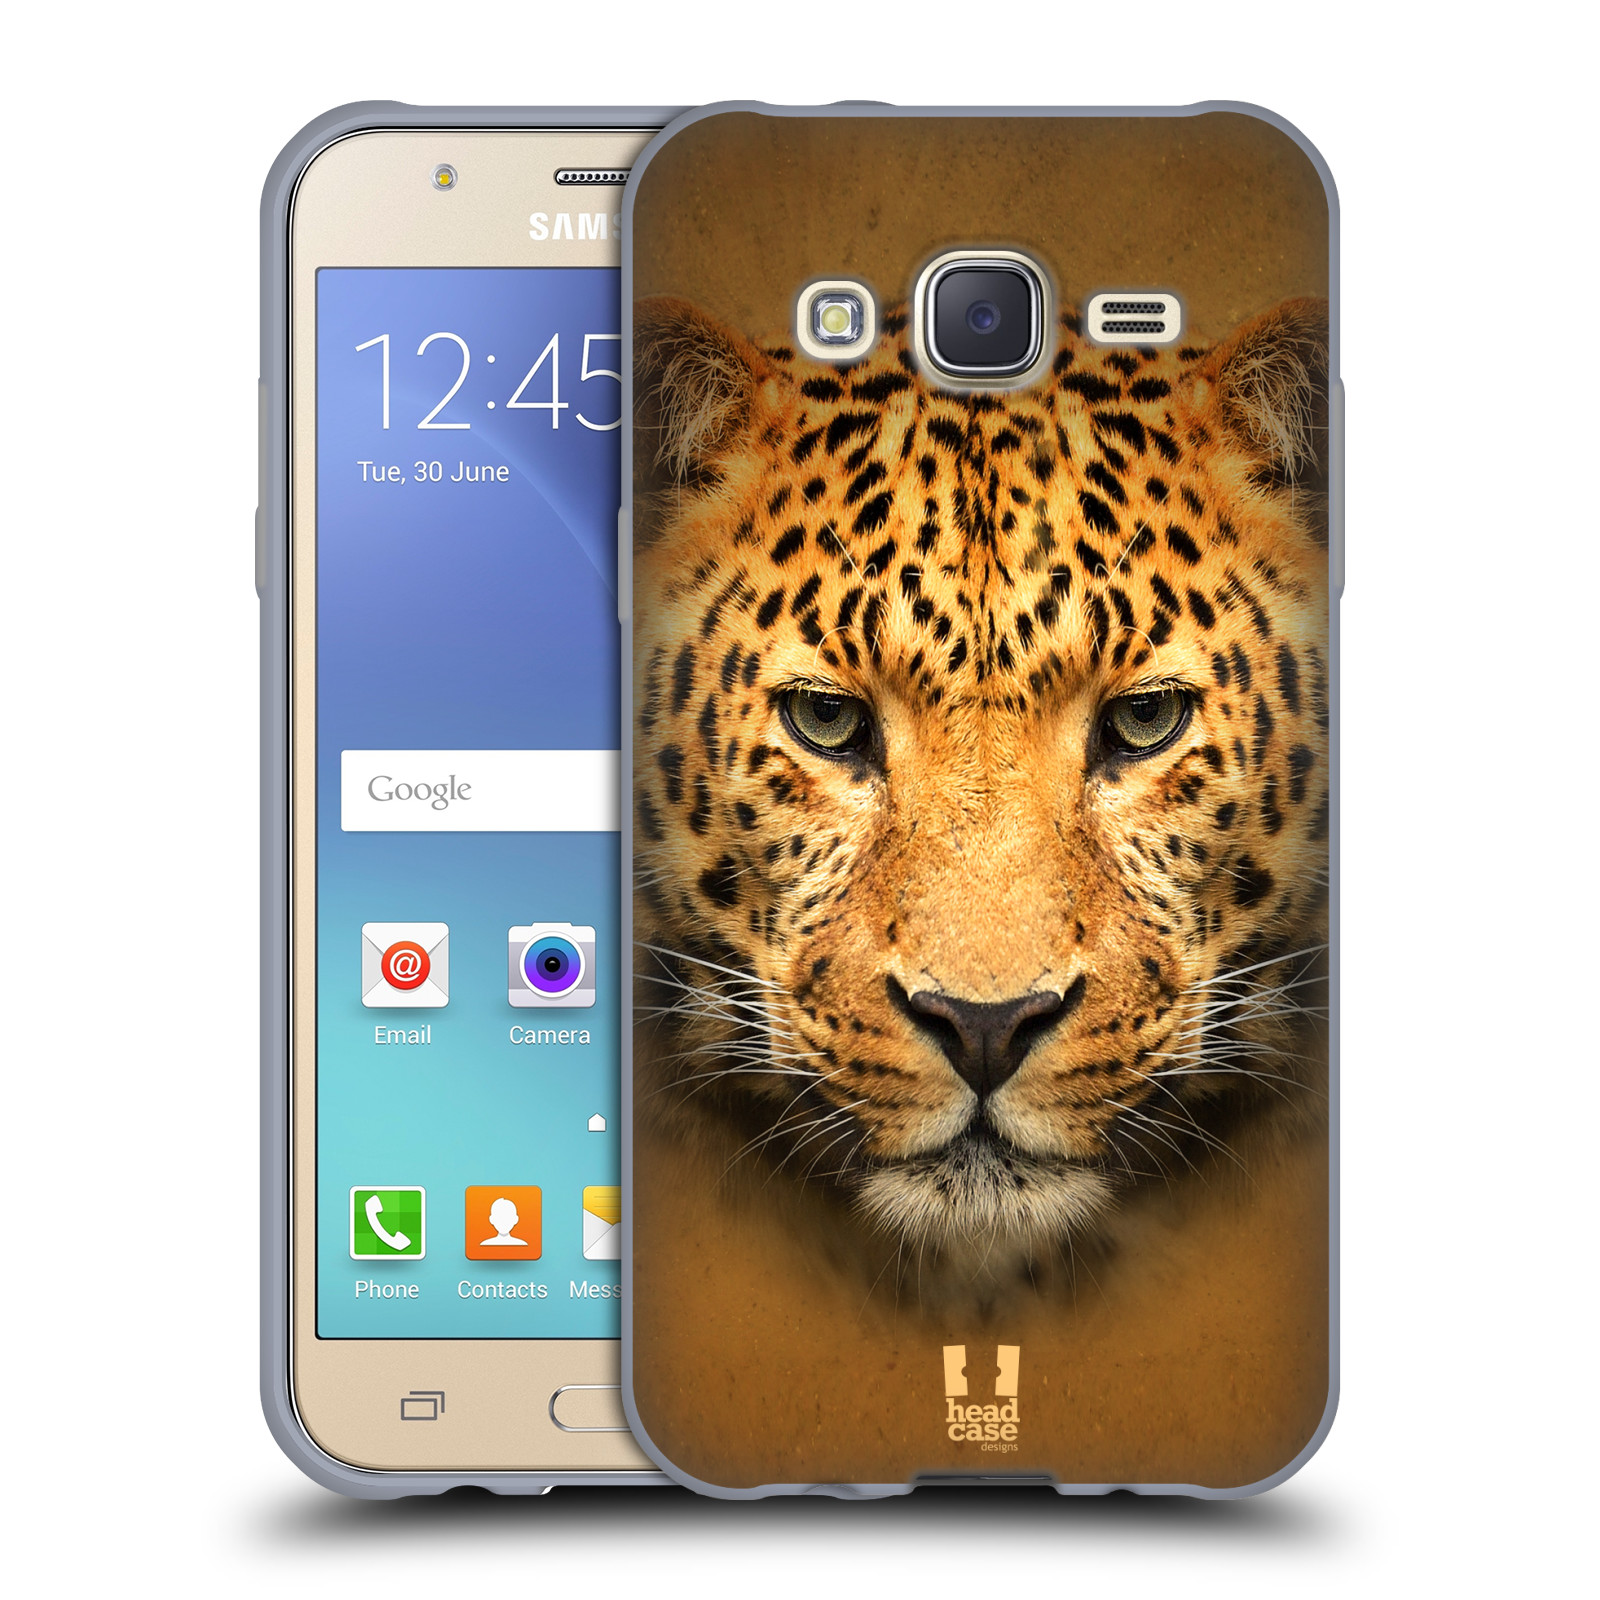 HEAD CASE silikonový obal na mobil Samsung Galaxy J5, J500, (J5 DUOS) vzor Zvířecí tváře 2 leopard